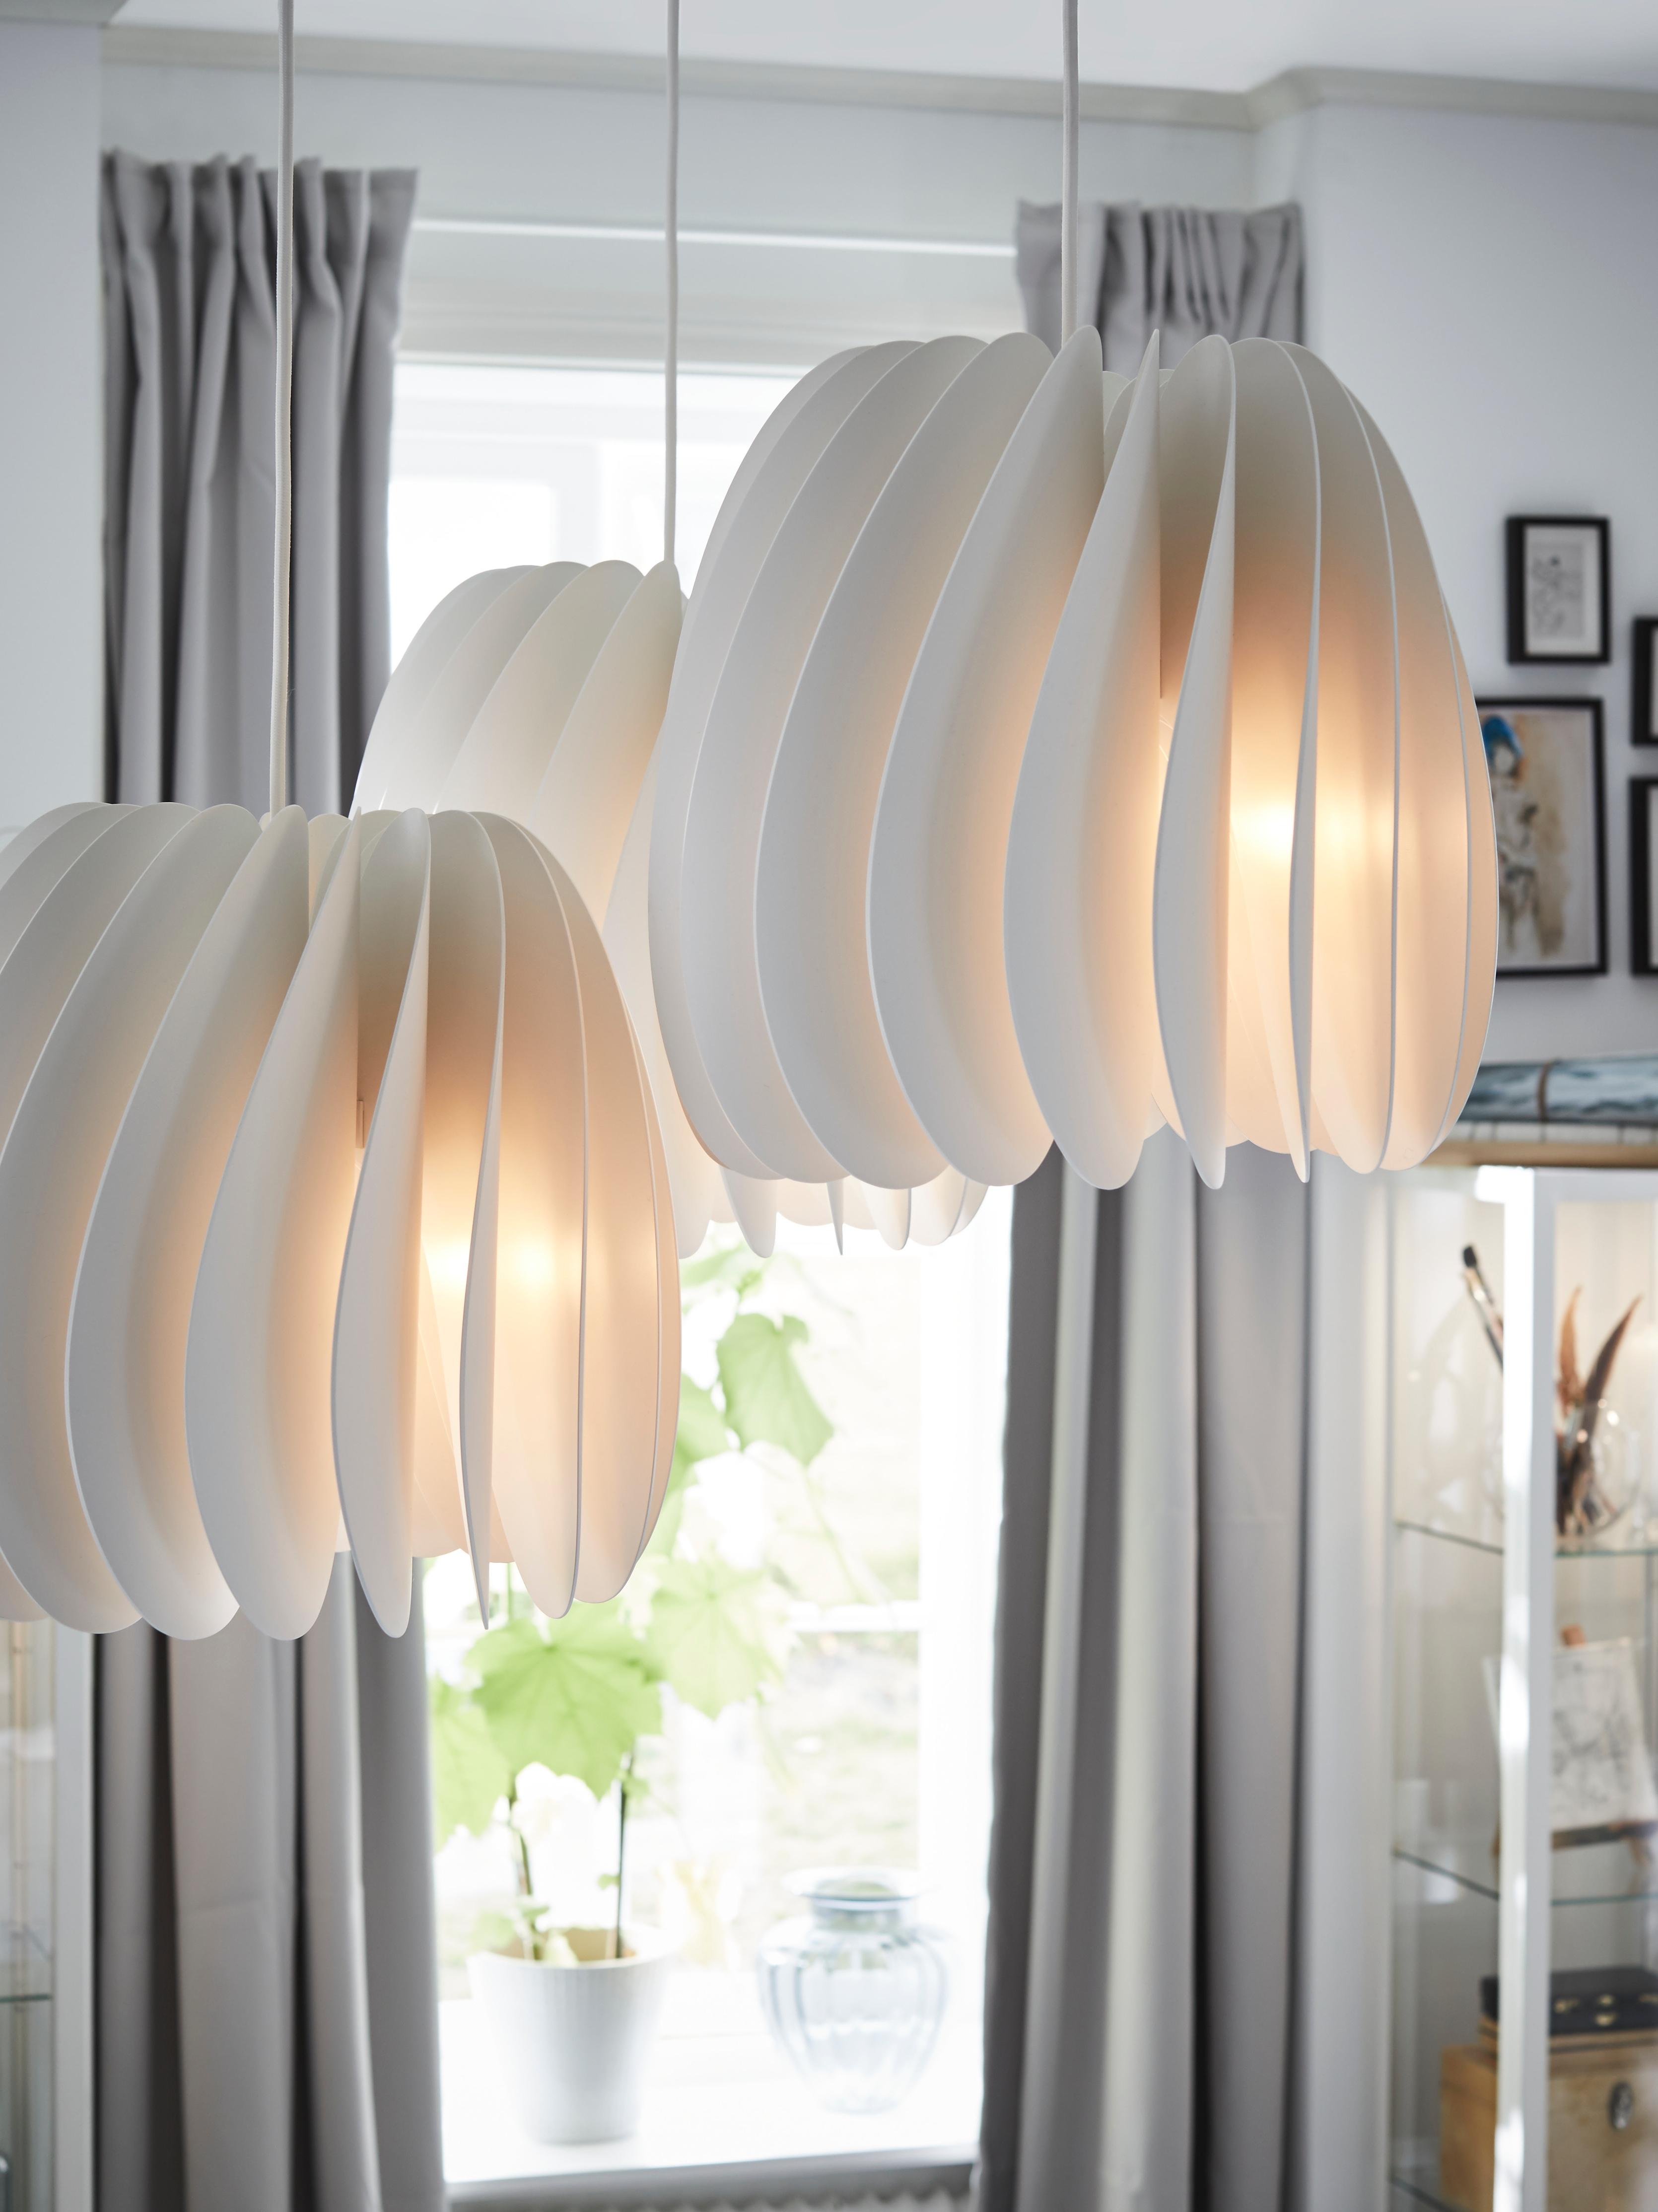 Trois suspensions lumineuses en plastique blanc SKYMNINGEN en forme de turbine sont montées dans une salle à manger.